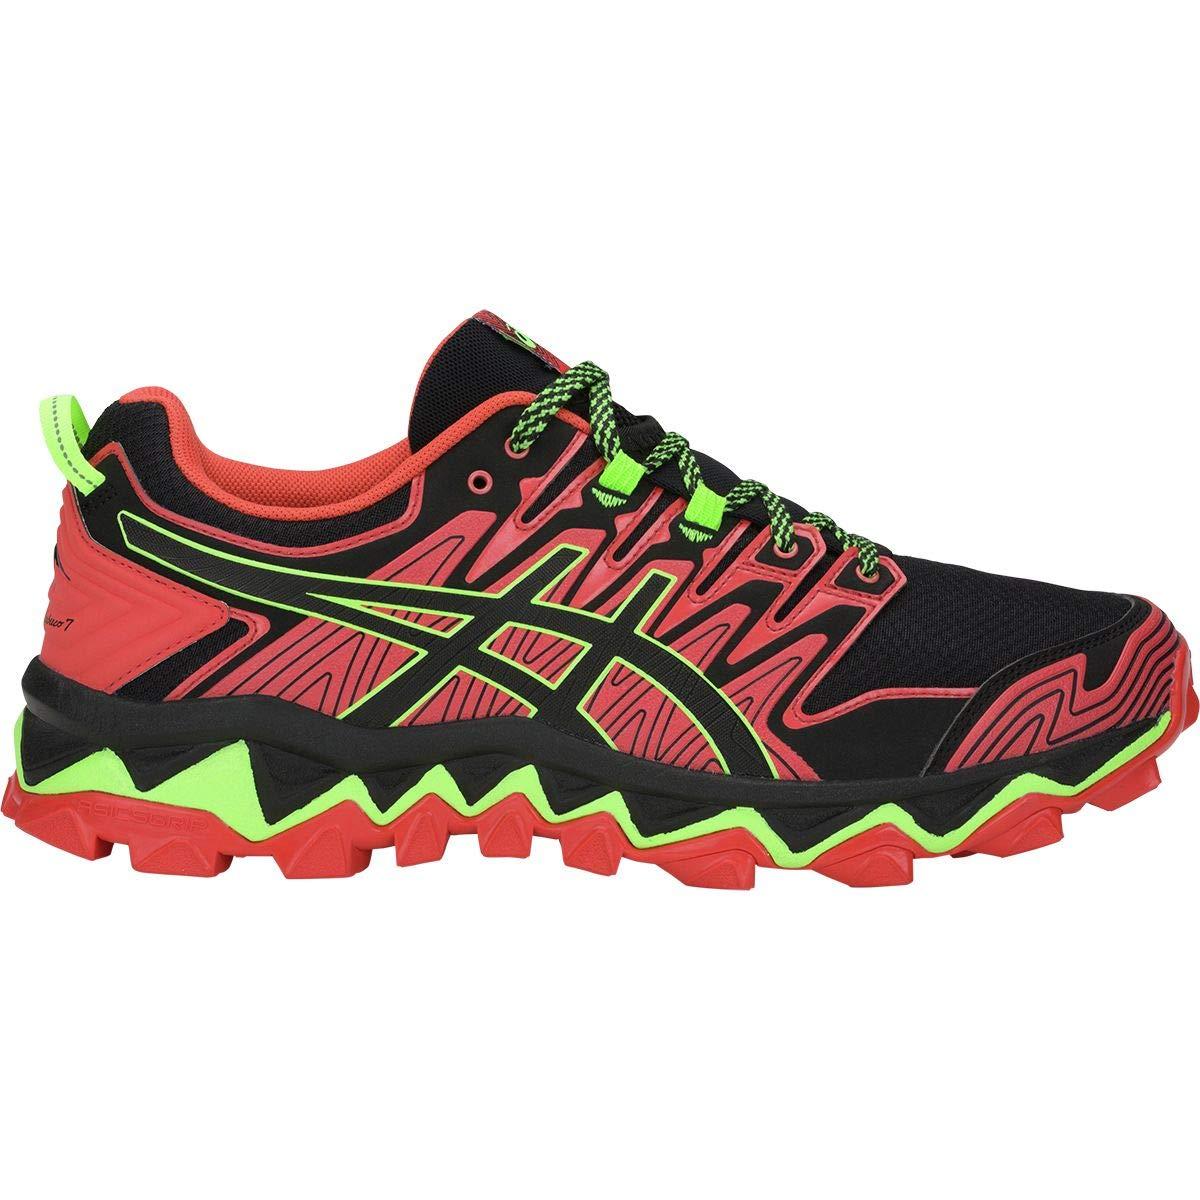 新品登場 [アシックス] メンズ 7 ランニング Gel-Fujitrabuco 7 Trail メンズ Running 10 Shoe [並行輸入品] B07P53MWZL 10, VIA TORINO インポートブランド:a215dc06 --- urviinteriors.com